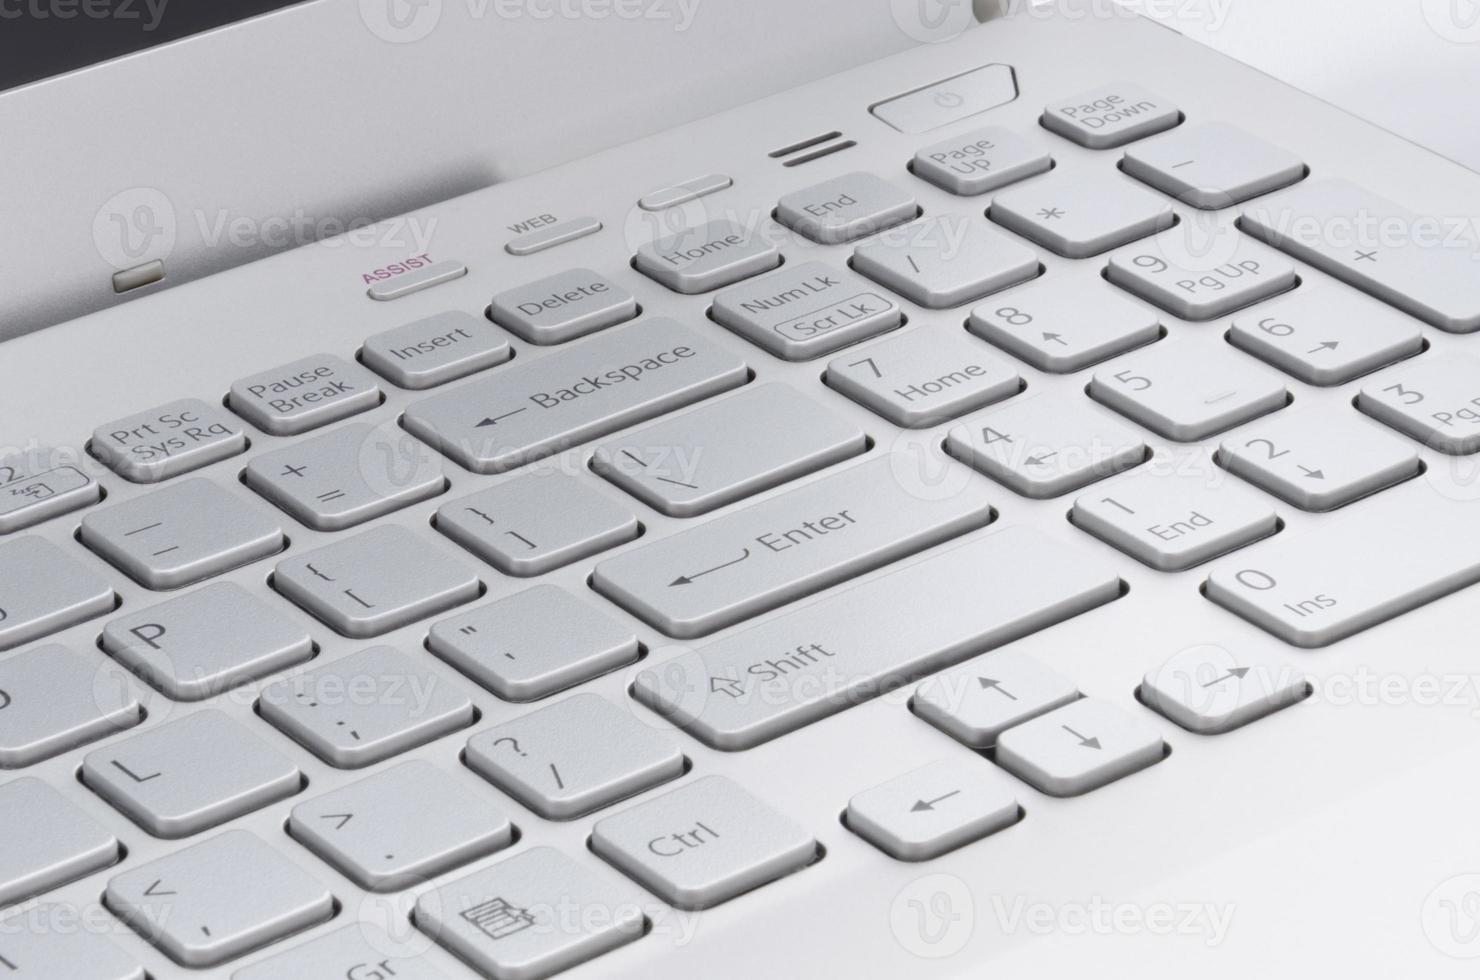 lado direito do teclado foto